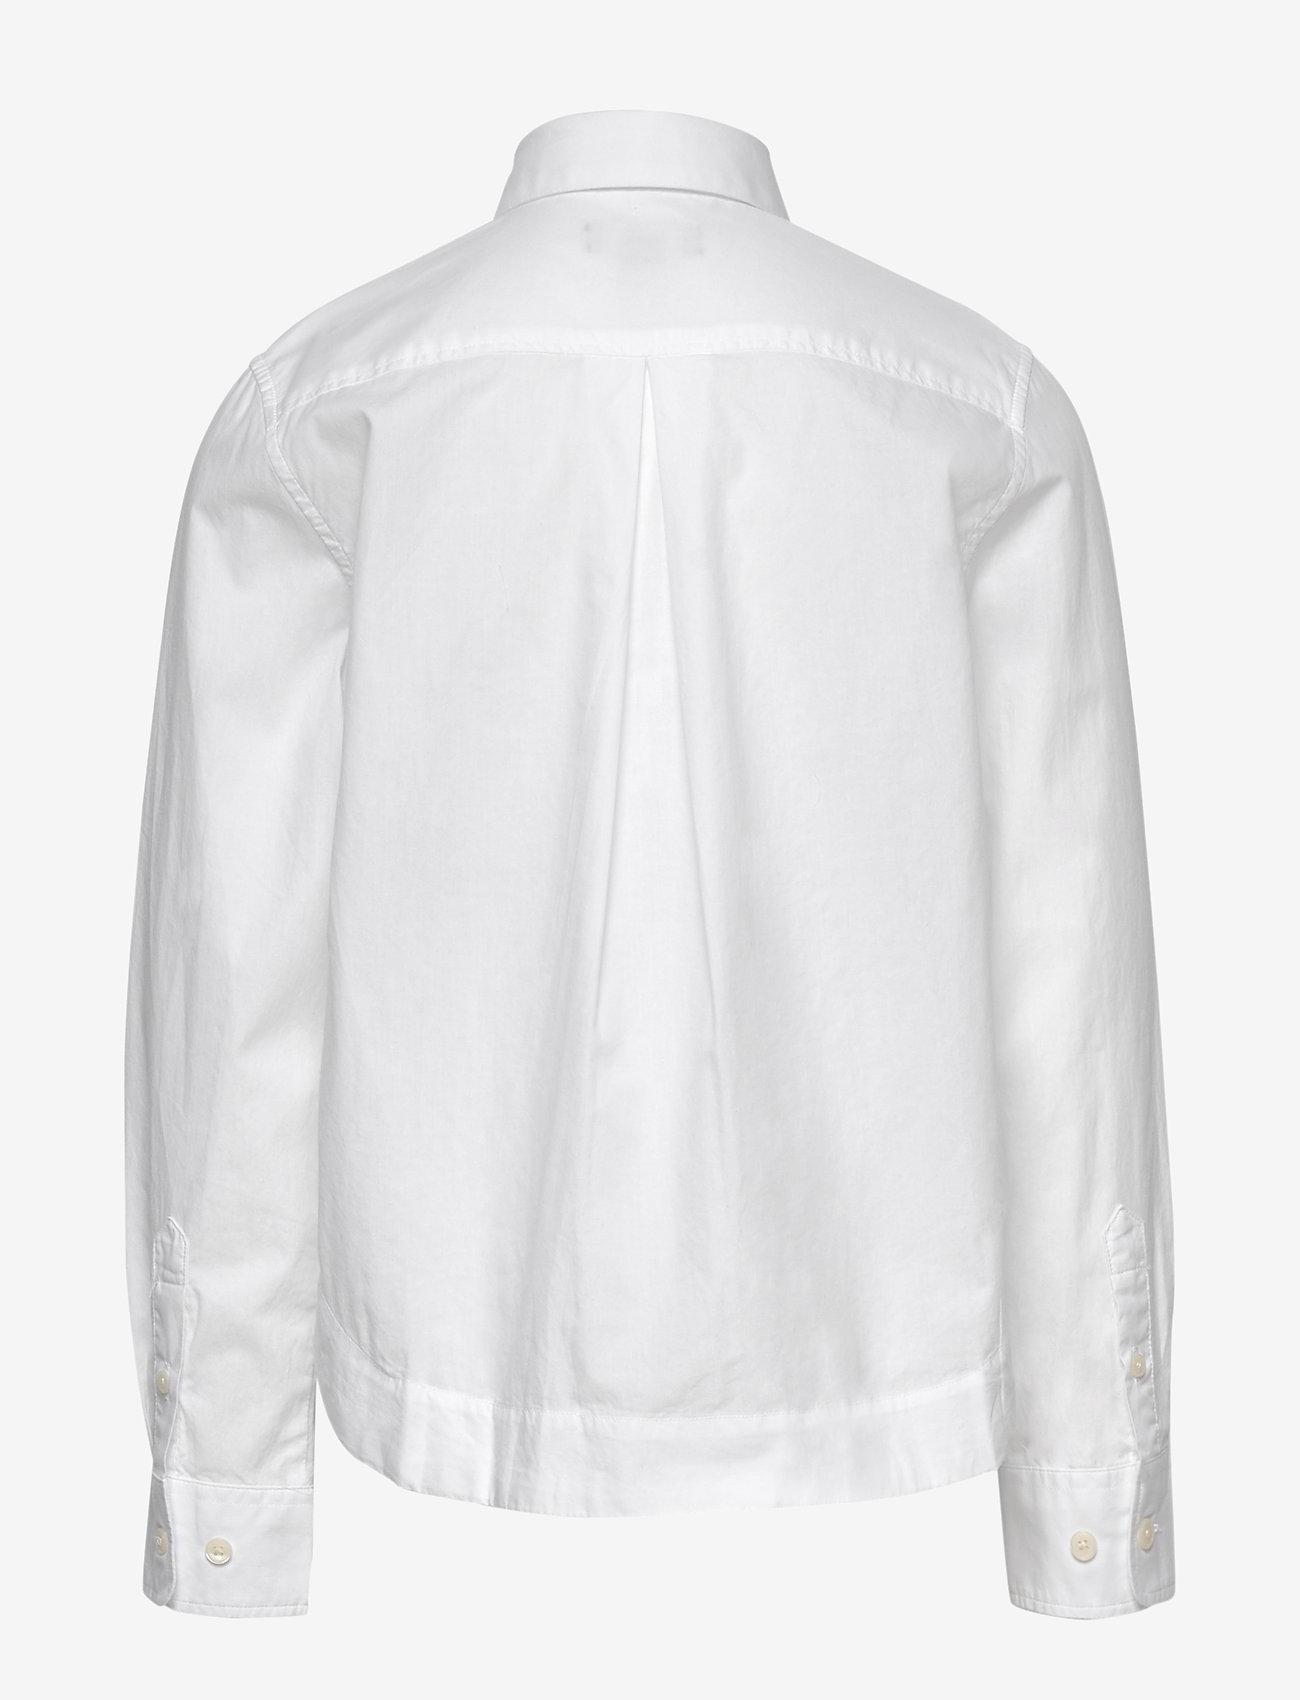 GANT - D1. POPLIN SHIRT - shirts - white - 1